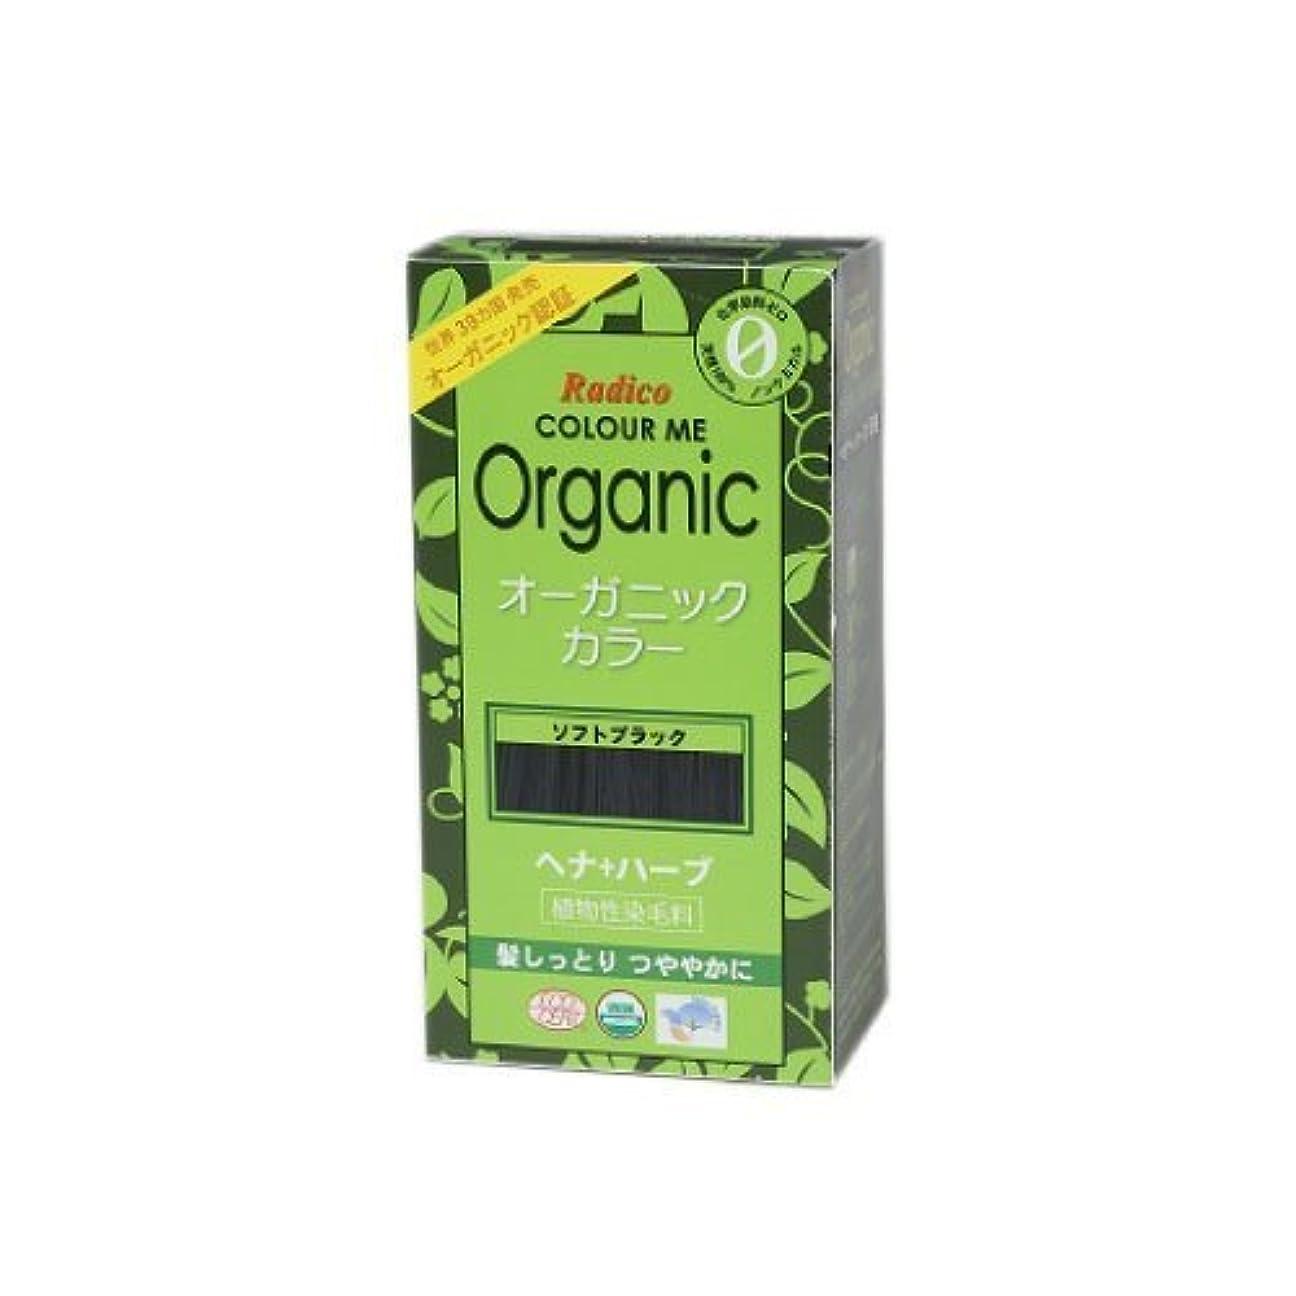 コンベンション不利益独占COLOURME Organic (カラーミーオーガニック ヘナ 白髪用 髪色戻し) ソフトブラック 100g